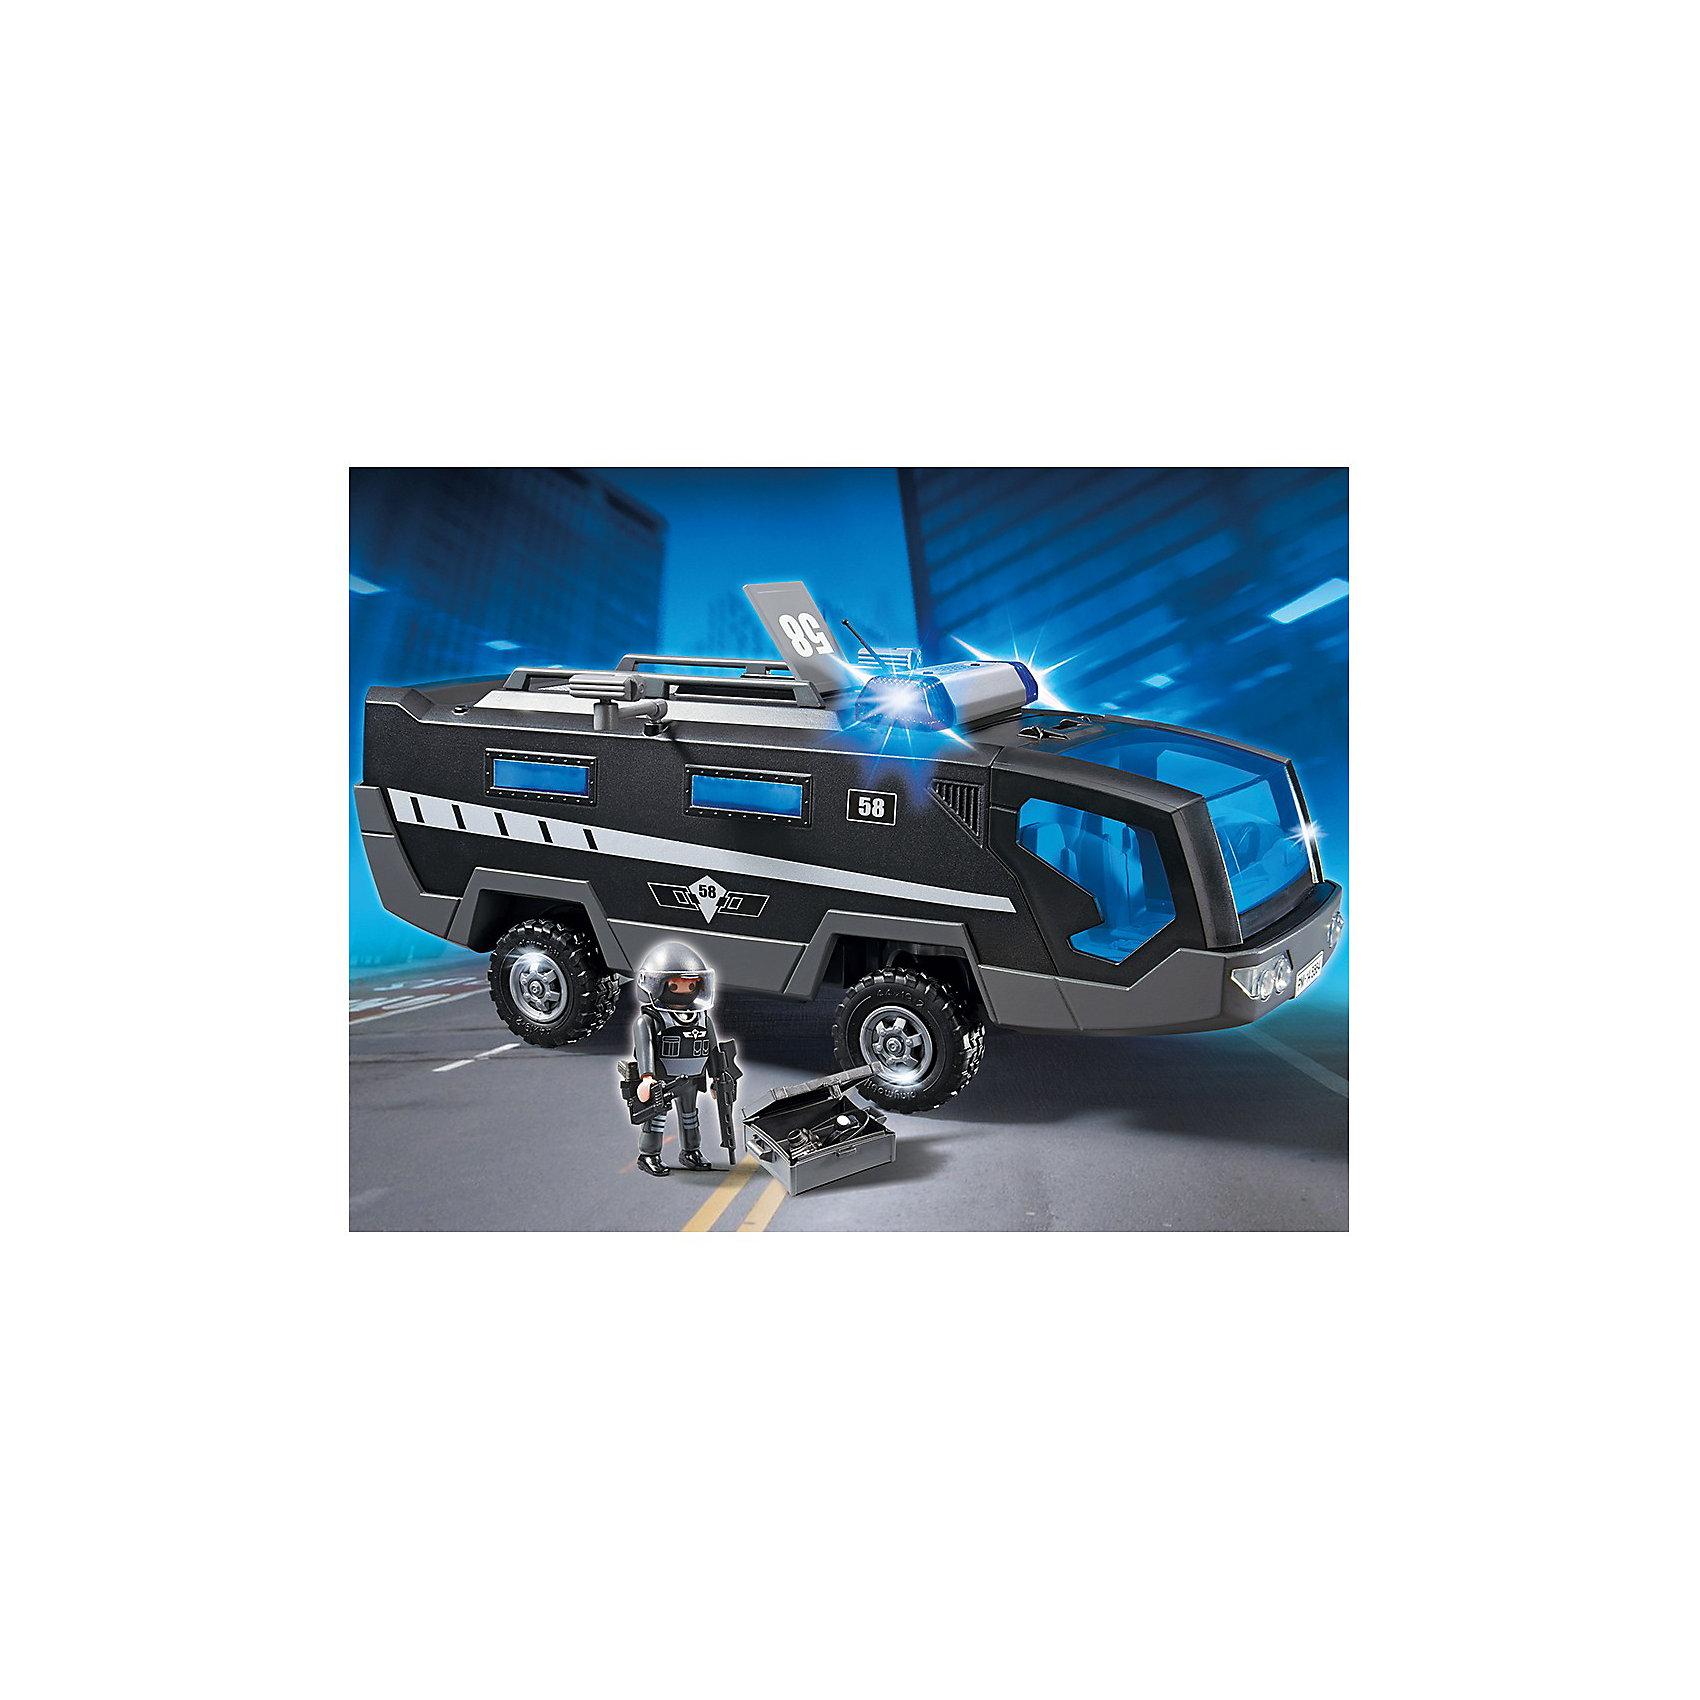 PLAYMOBIL® PLAYMOBIL 5564 Полиция: Машина специального назначения со светом и звуком playmobil® playmobil 5110 конный клуб трекерная лошадь со стойлом